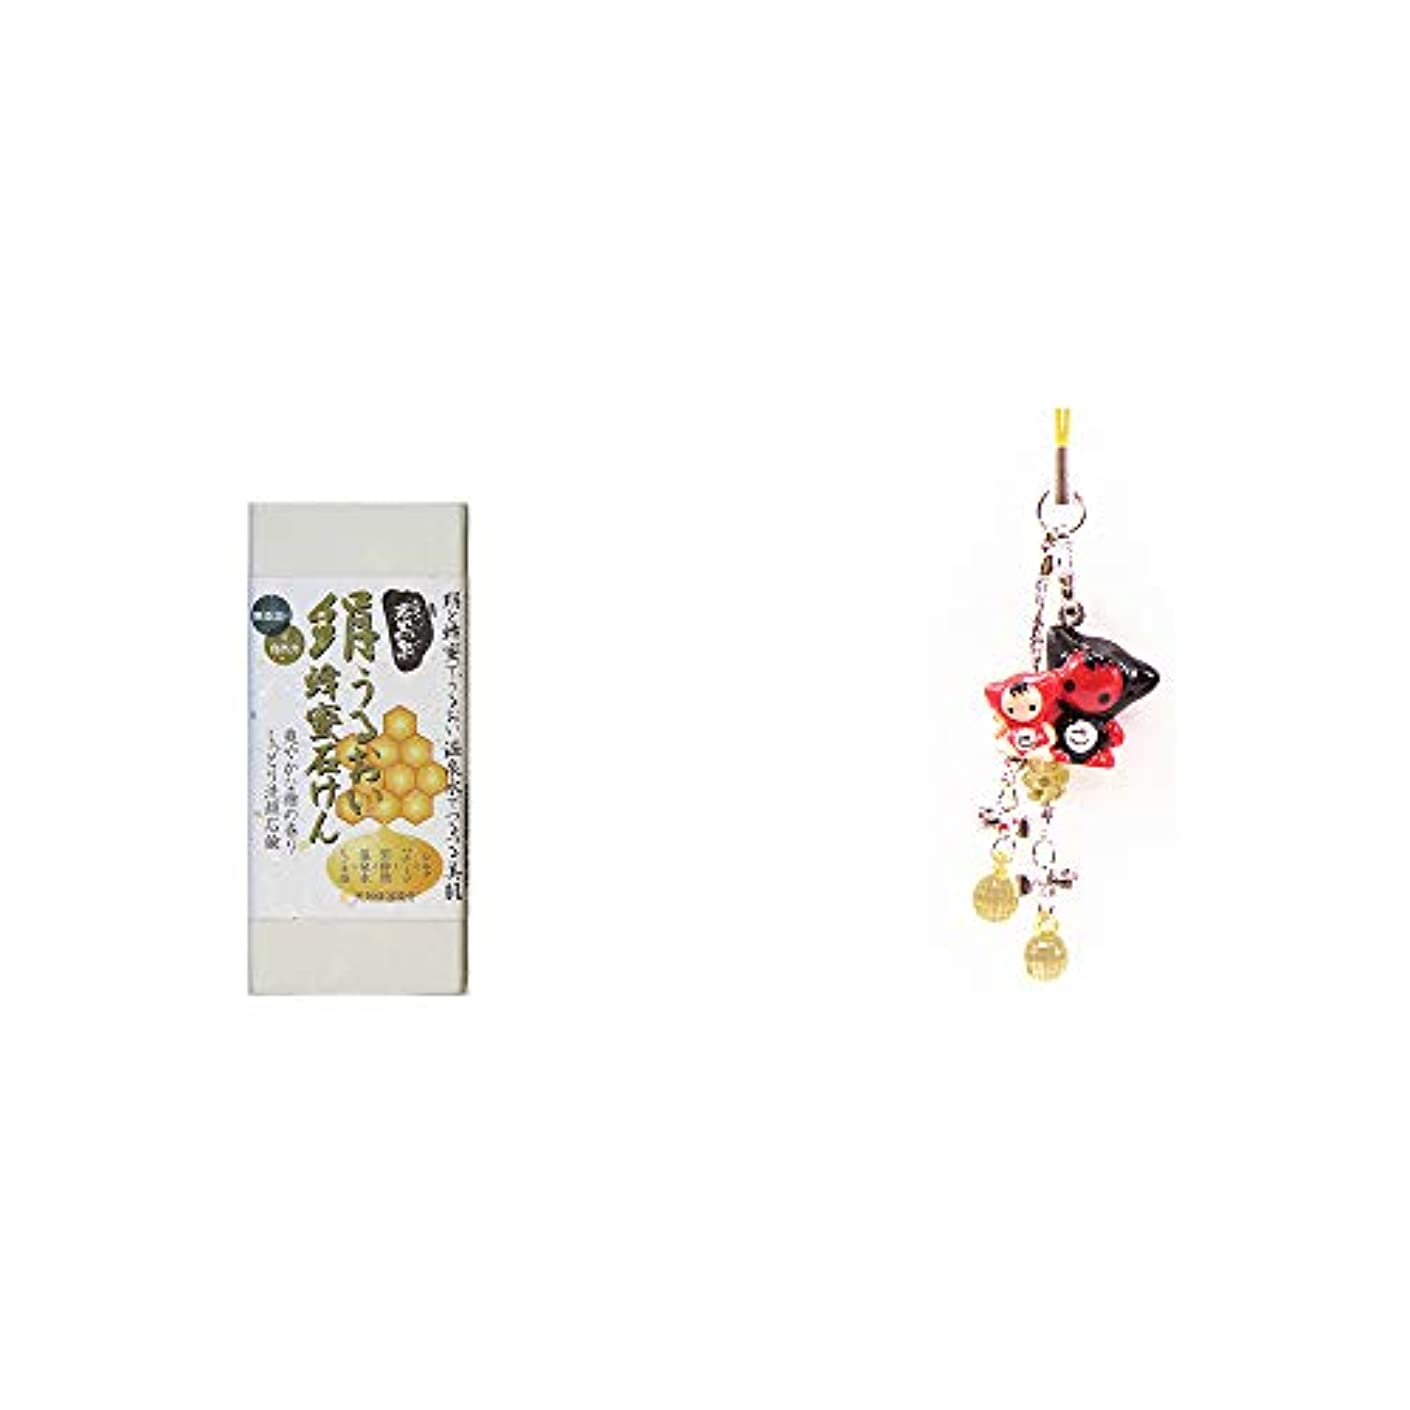 モザイク活発エレクトロニック[2点セット] ひのき炭黒泉 絹うるおい蜂蜜石けん(75g×2)?さるぼぼペアビーズストラップ 【黄】/縁結び?魔除け//